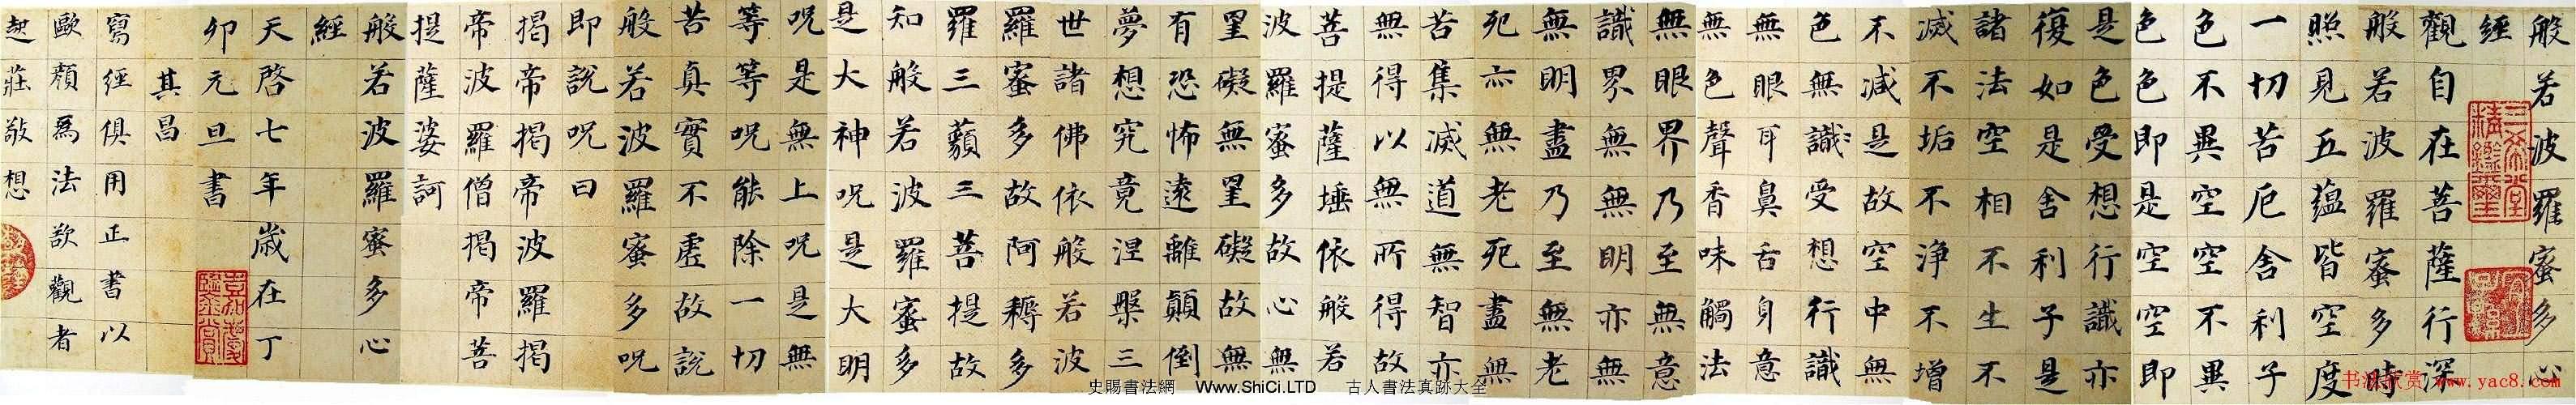 董其昌書法字帖《心經》兩種(共16張圖片)